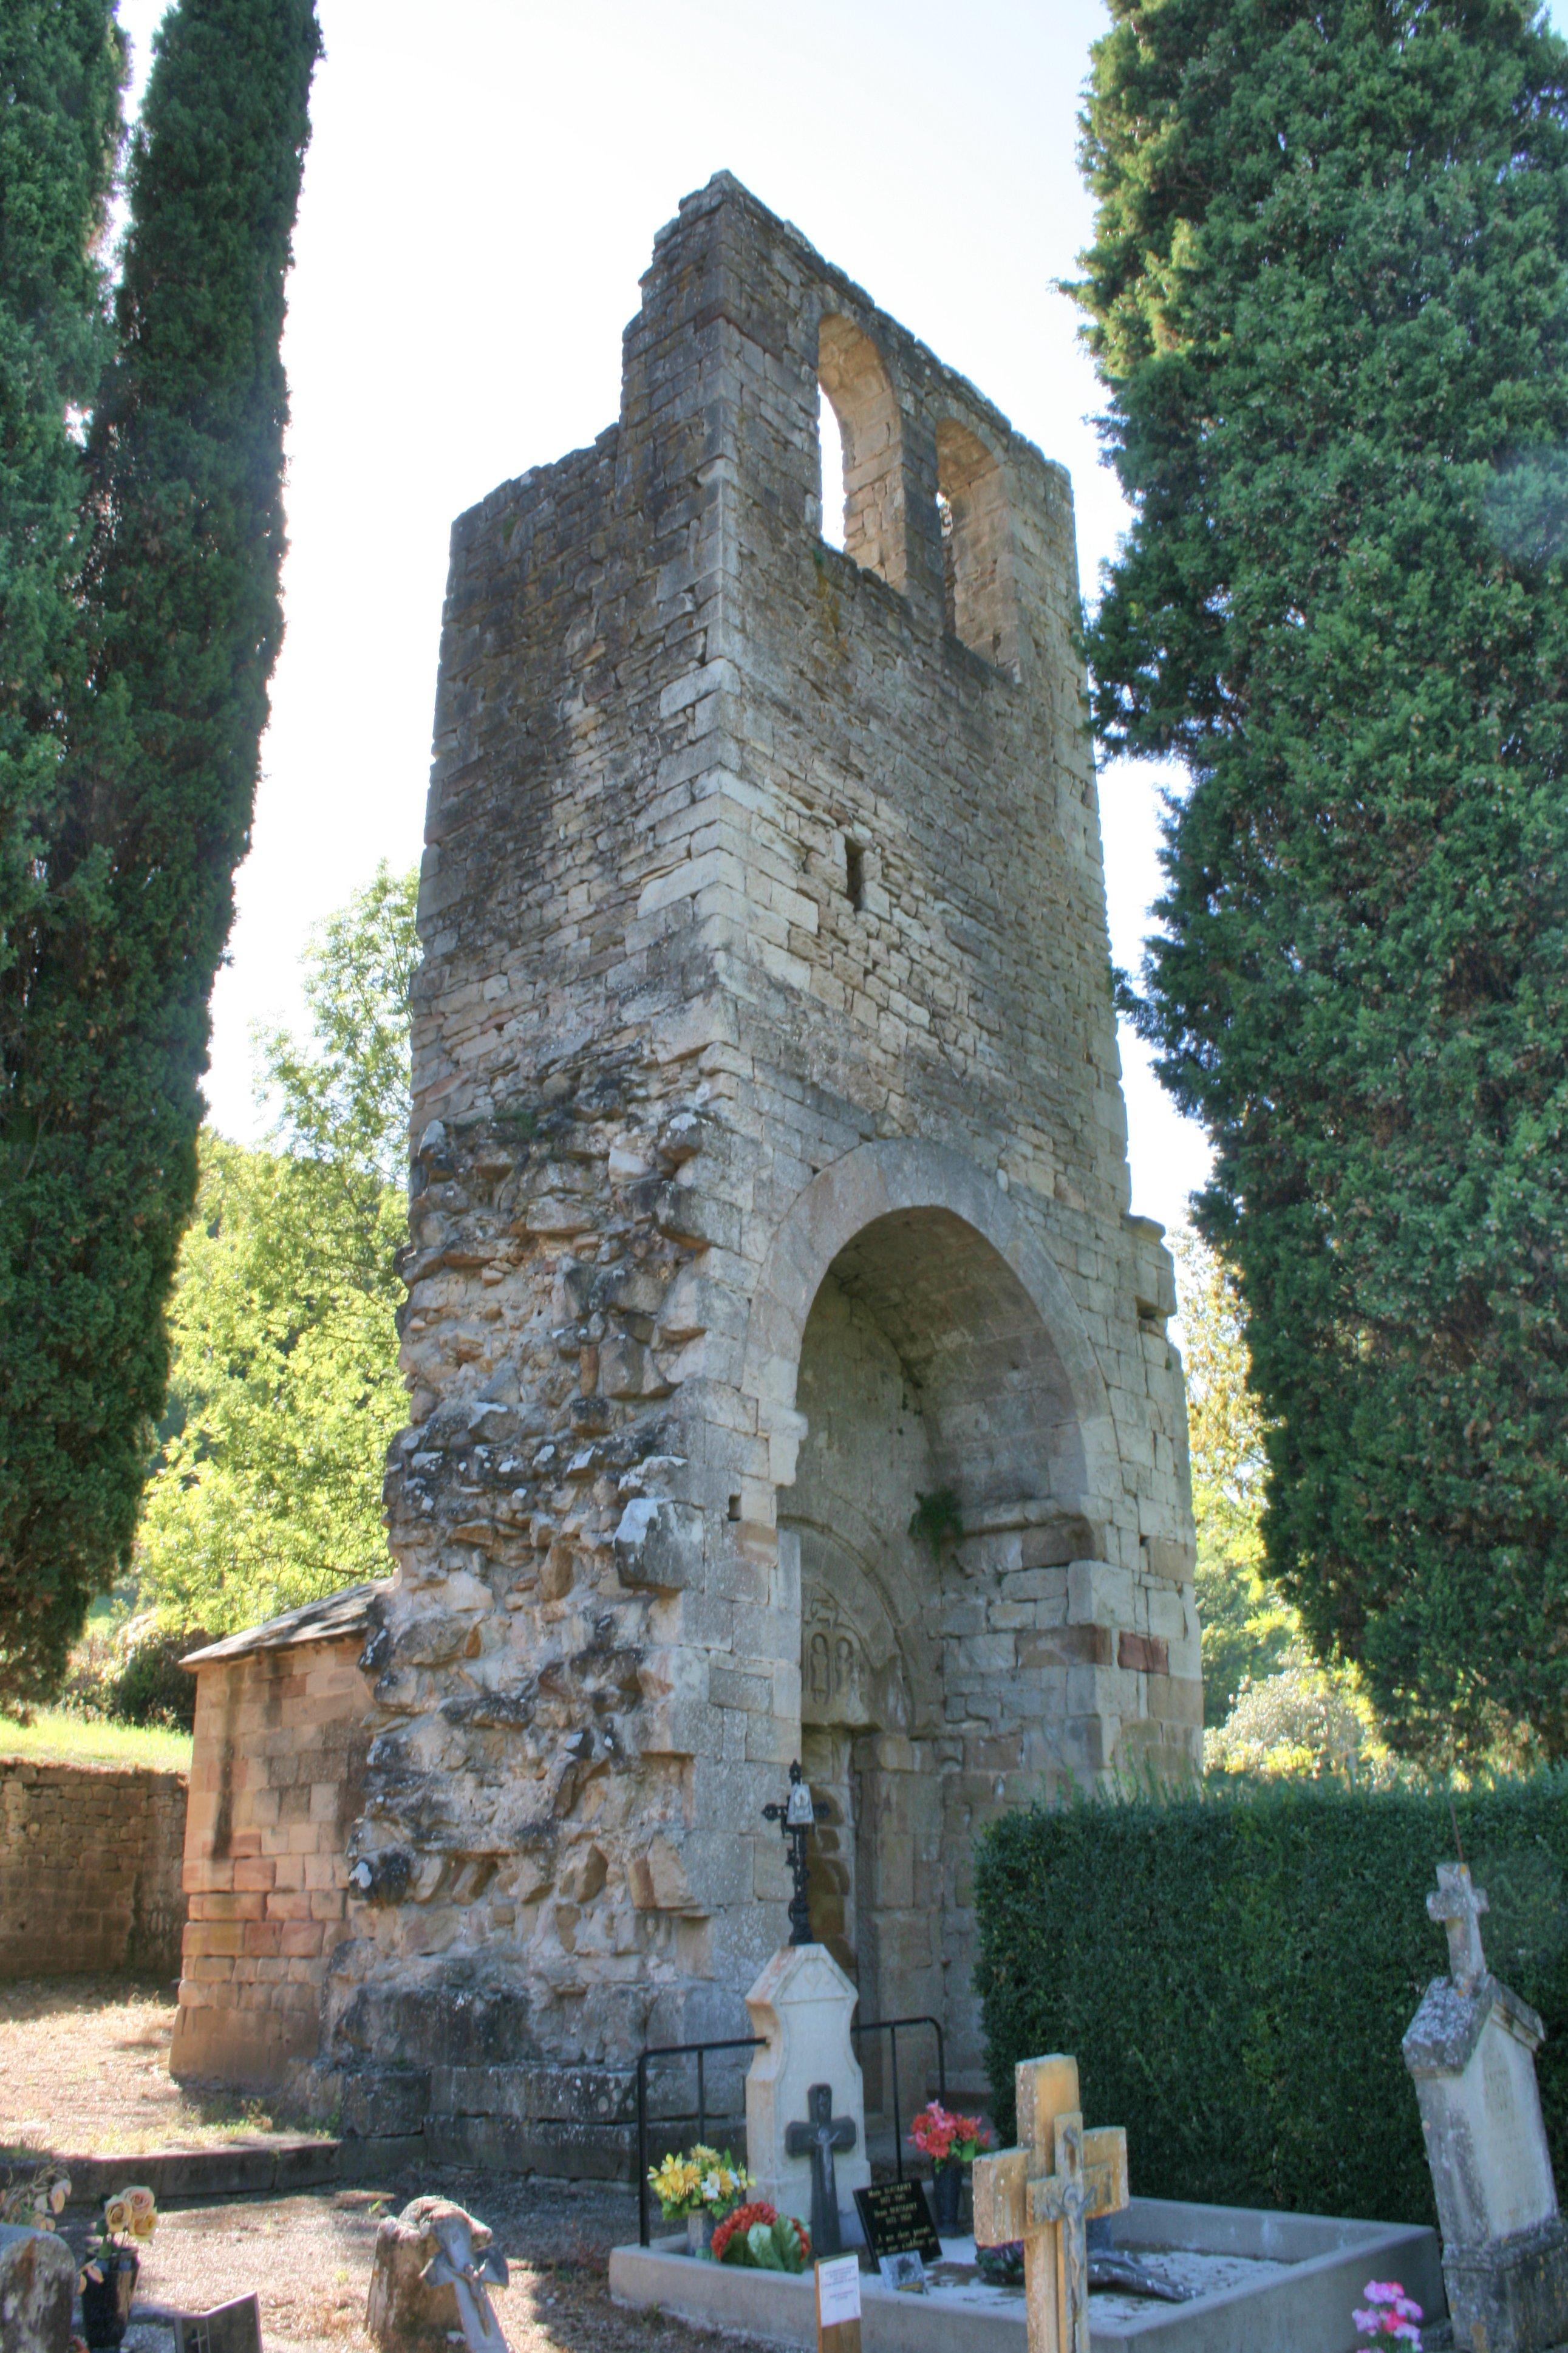 L'entrée du Cimetière avec son monument et la tombe de LEIGH BYRON fille incestueuse de Lord Byron le célèbre poète Britannique